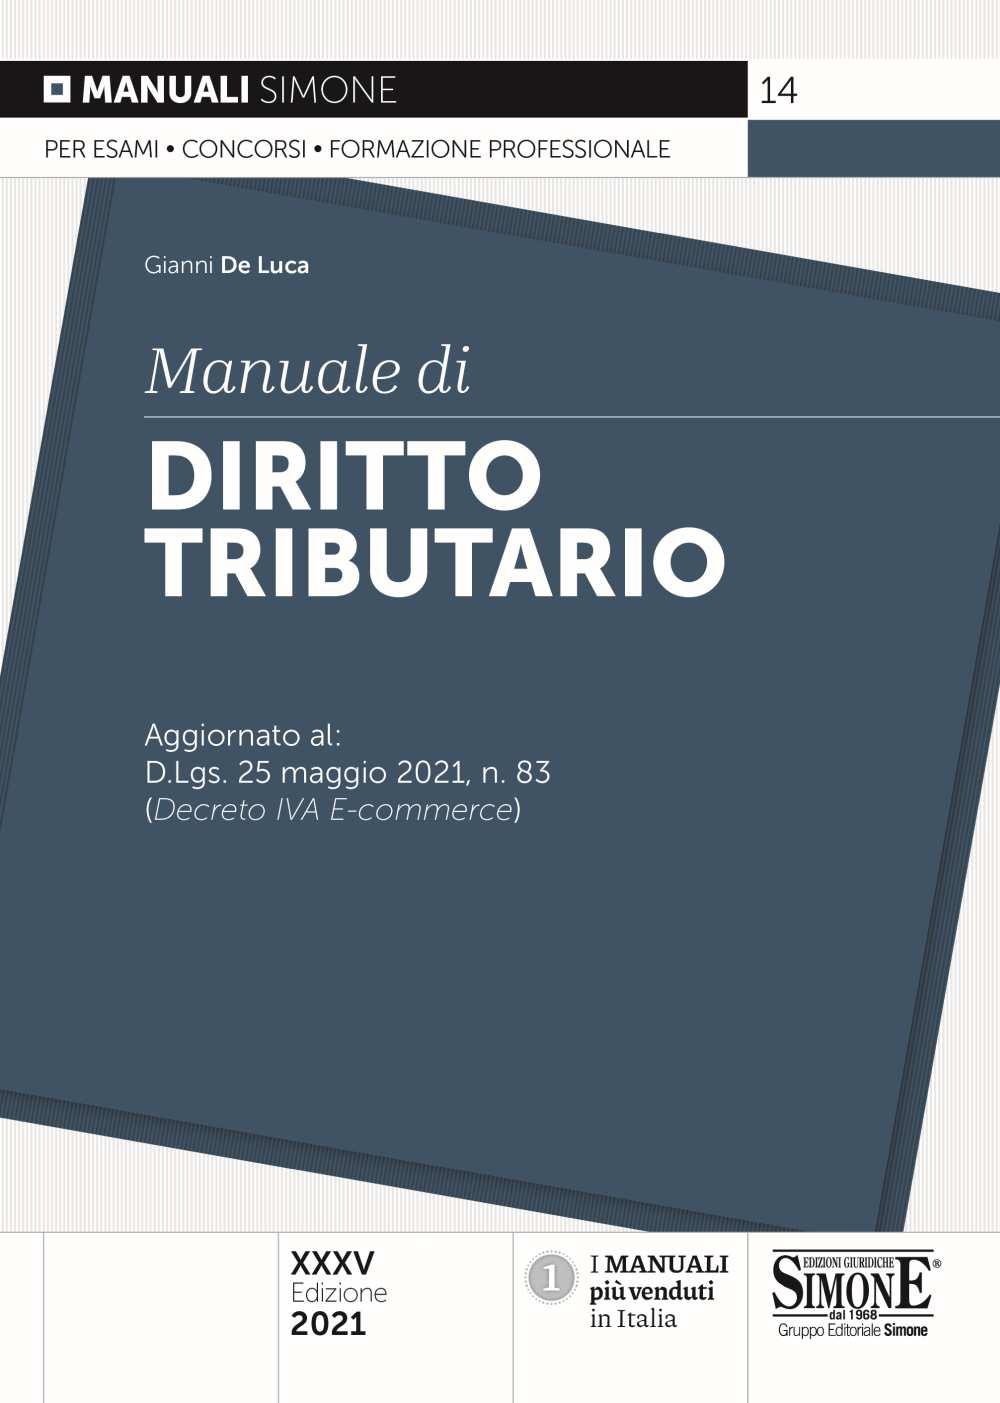 Manuale di Diritto tributario 2021